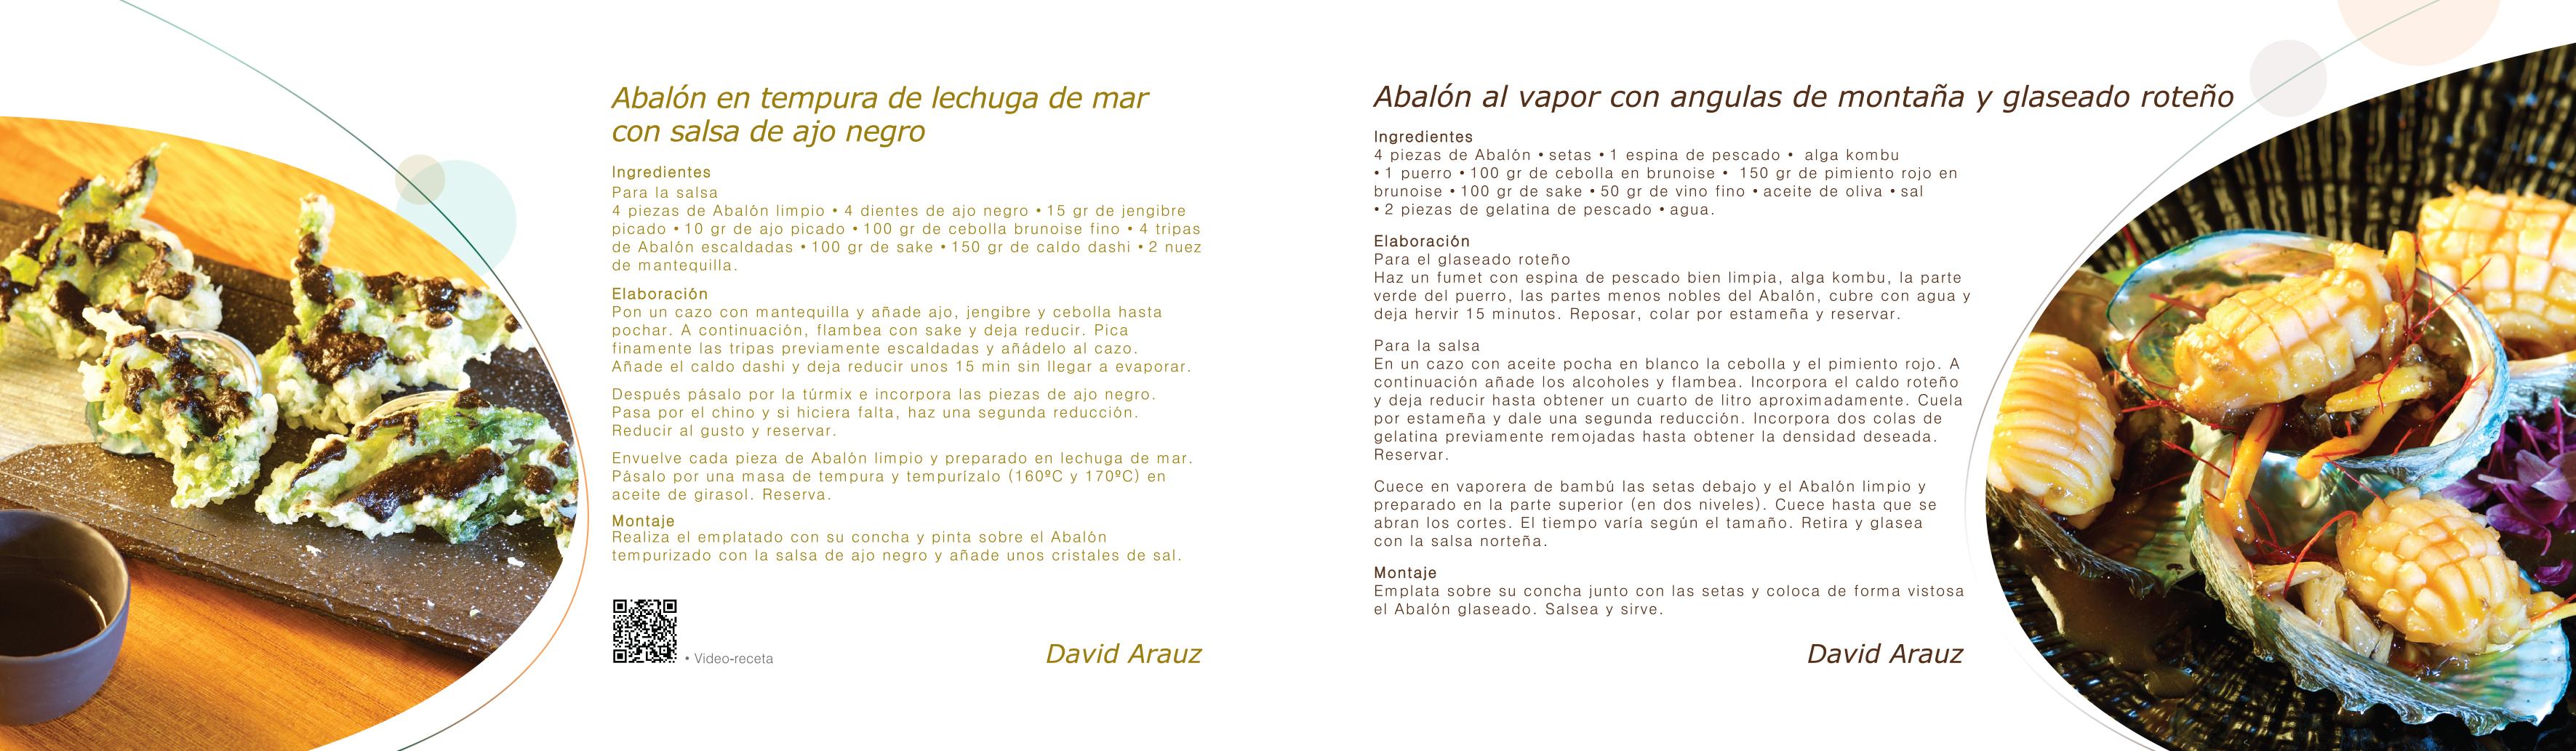 LIBRO RECETAS ABALON para web JK-10 150